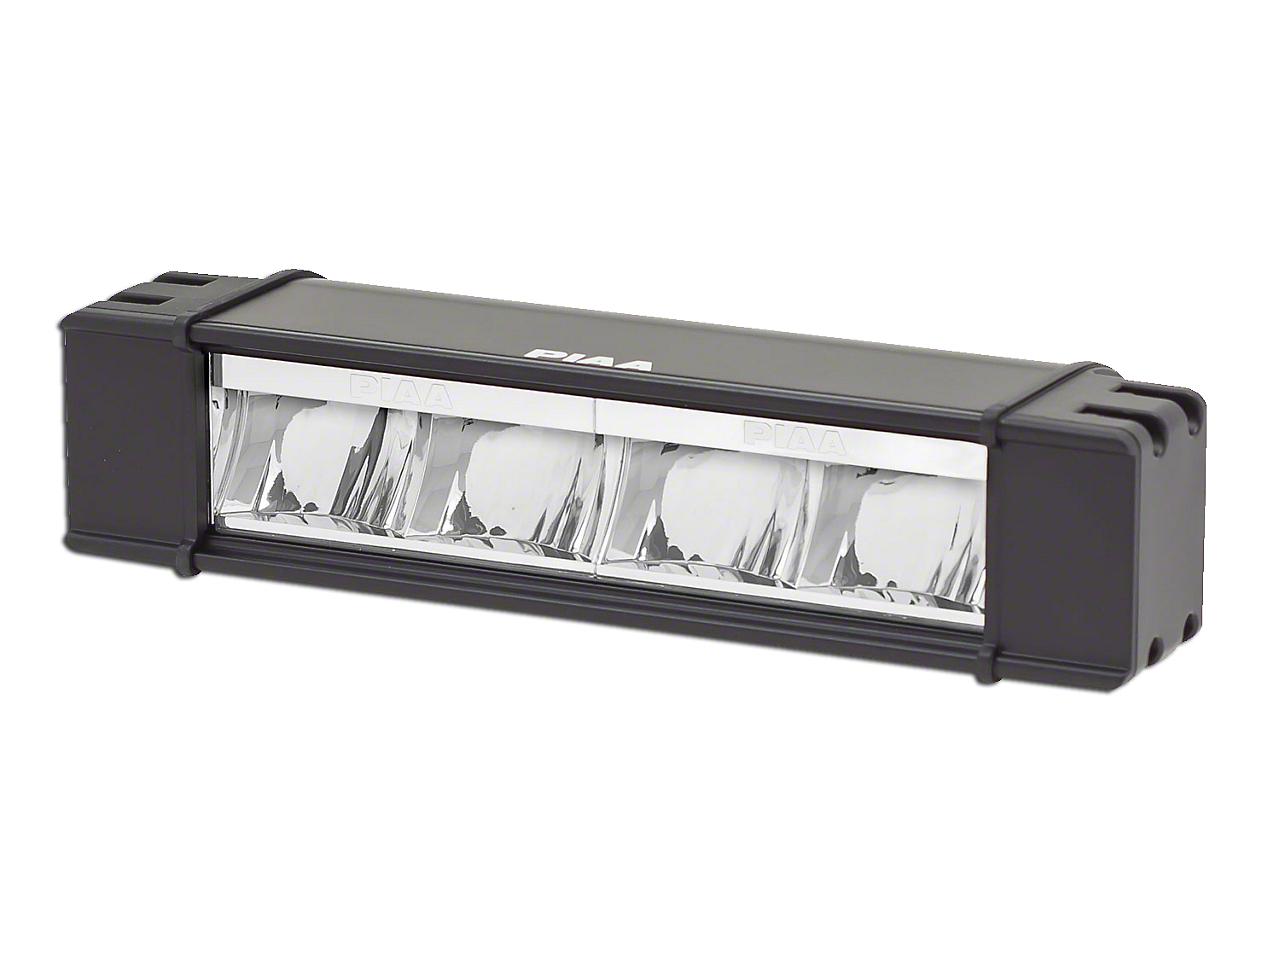 PIAA 10 in. RF Series LED Light Bar - Hybrid Beam